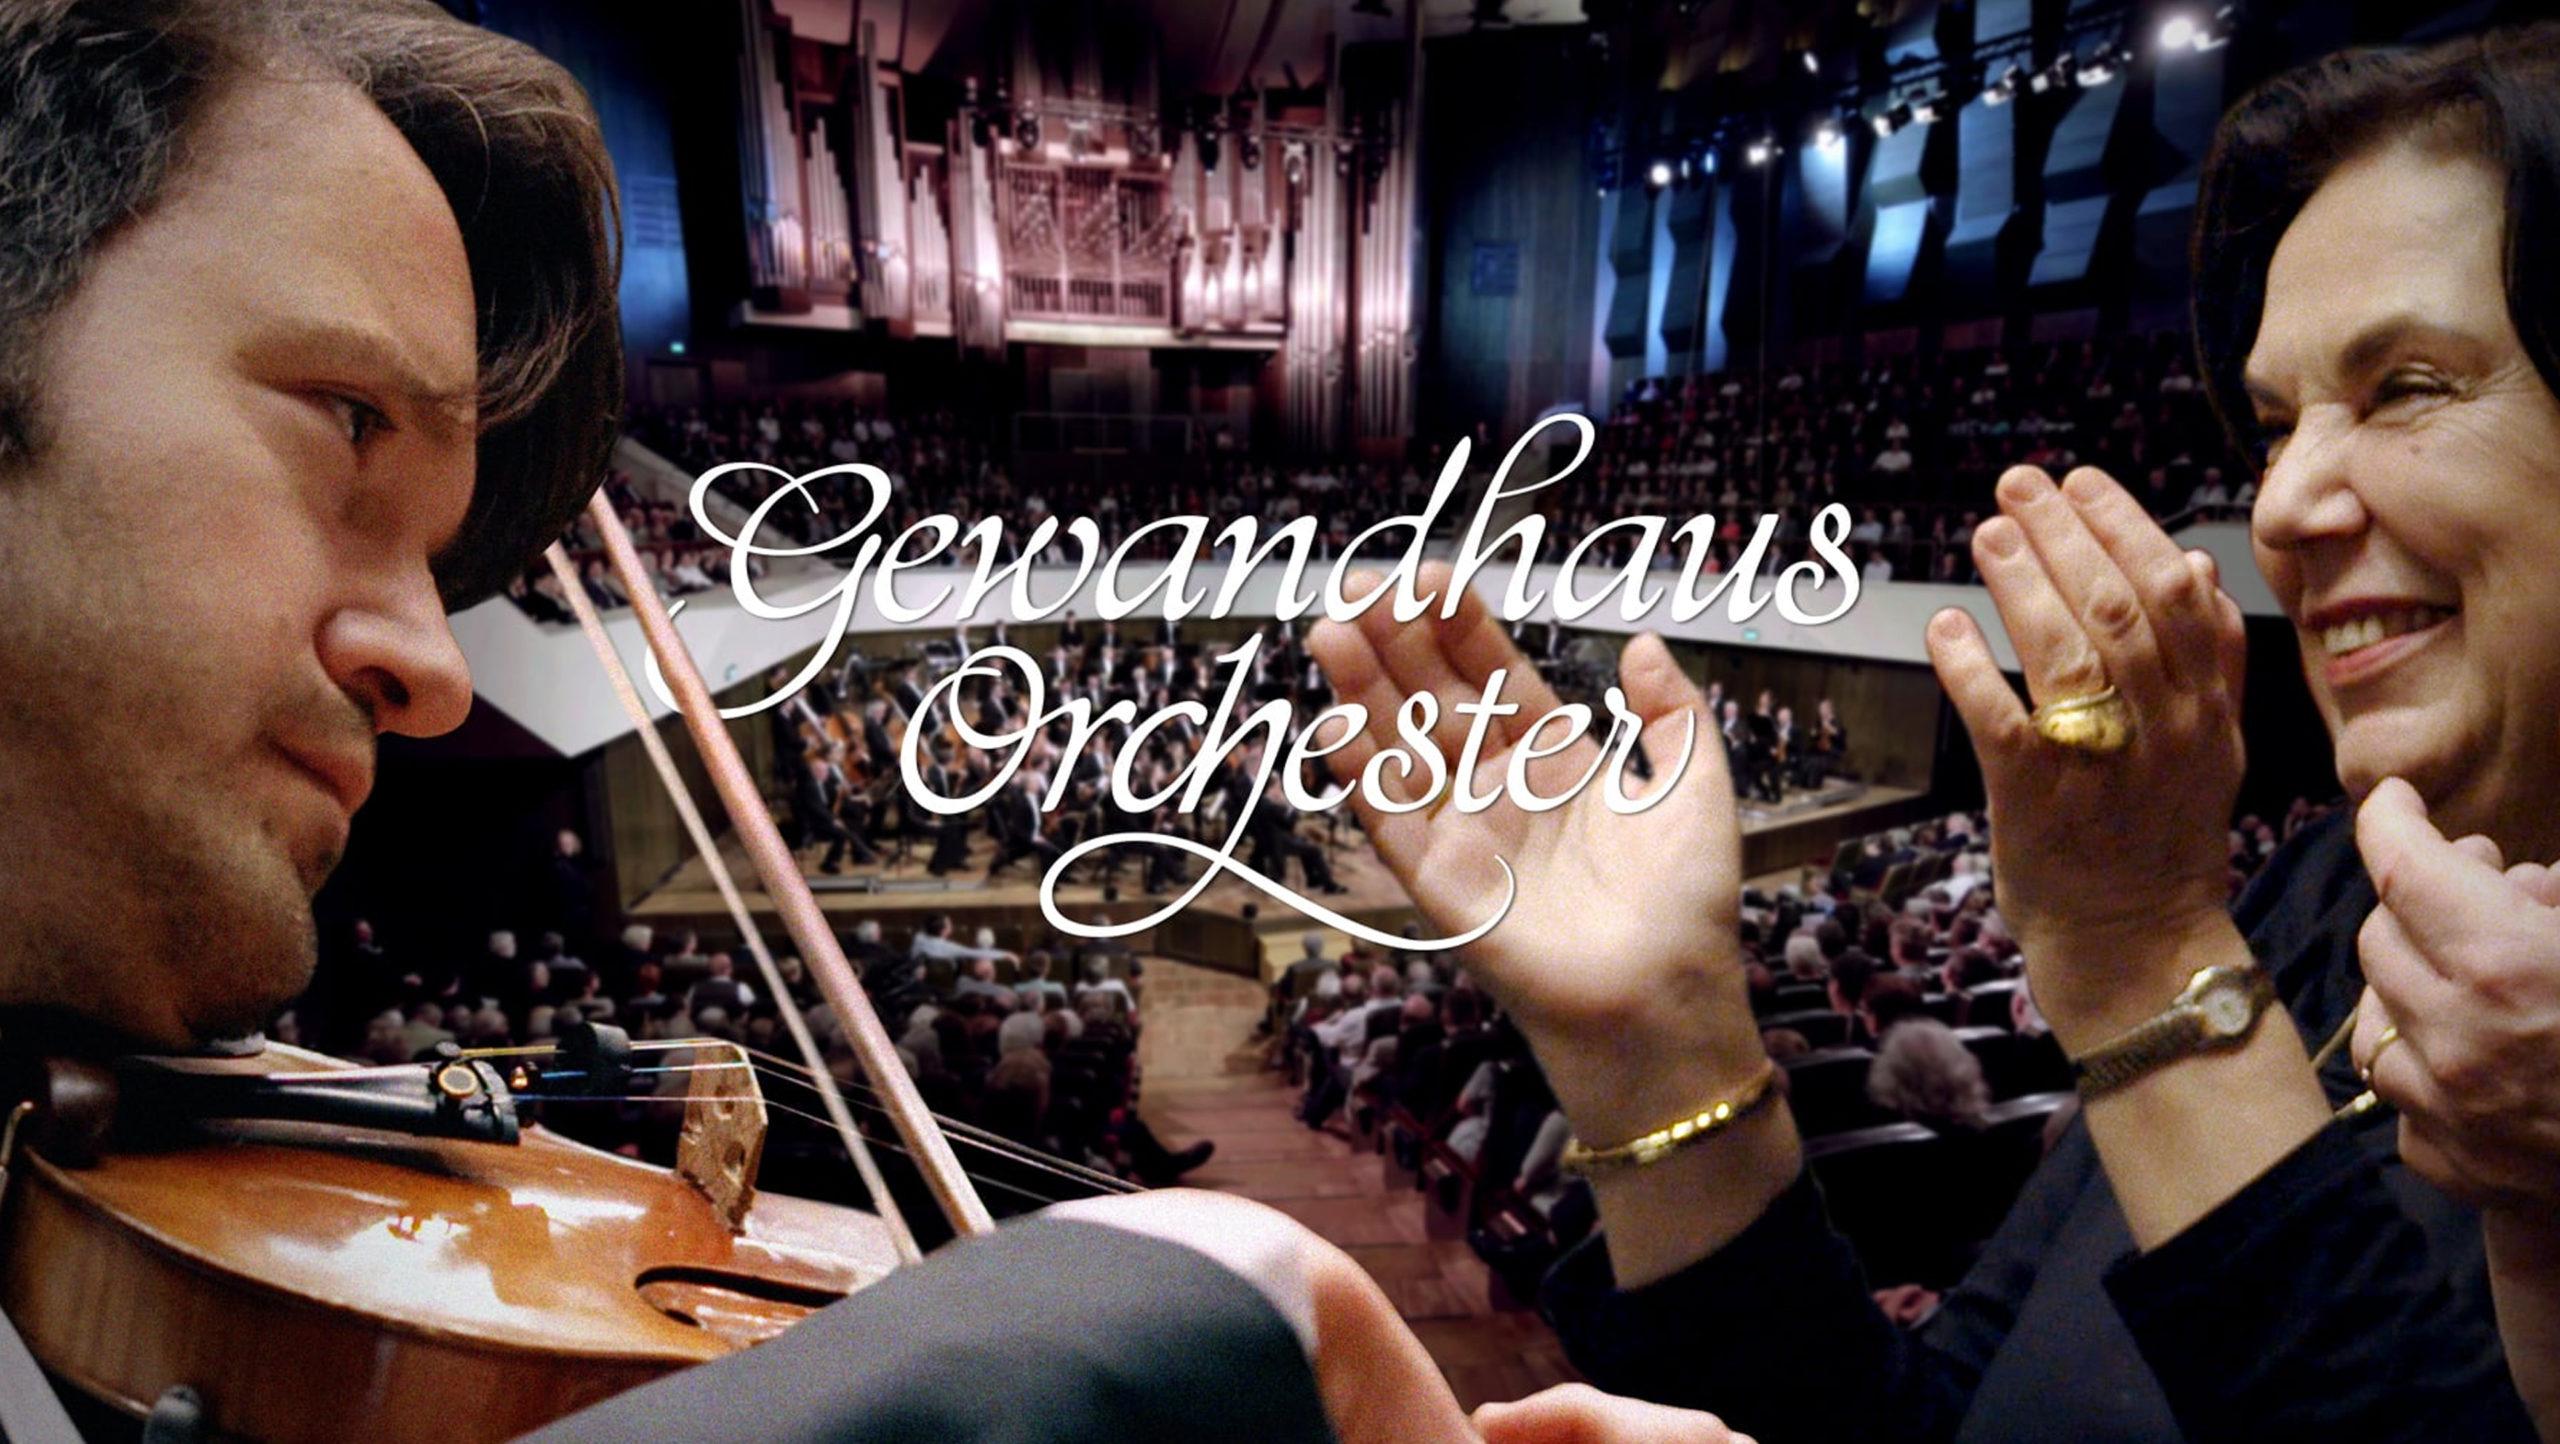 Filmproduktion Imagefilm Gewandhaus Orchester